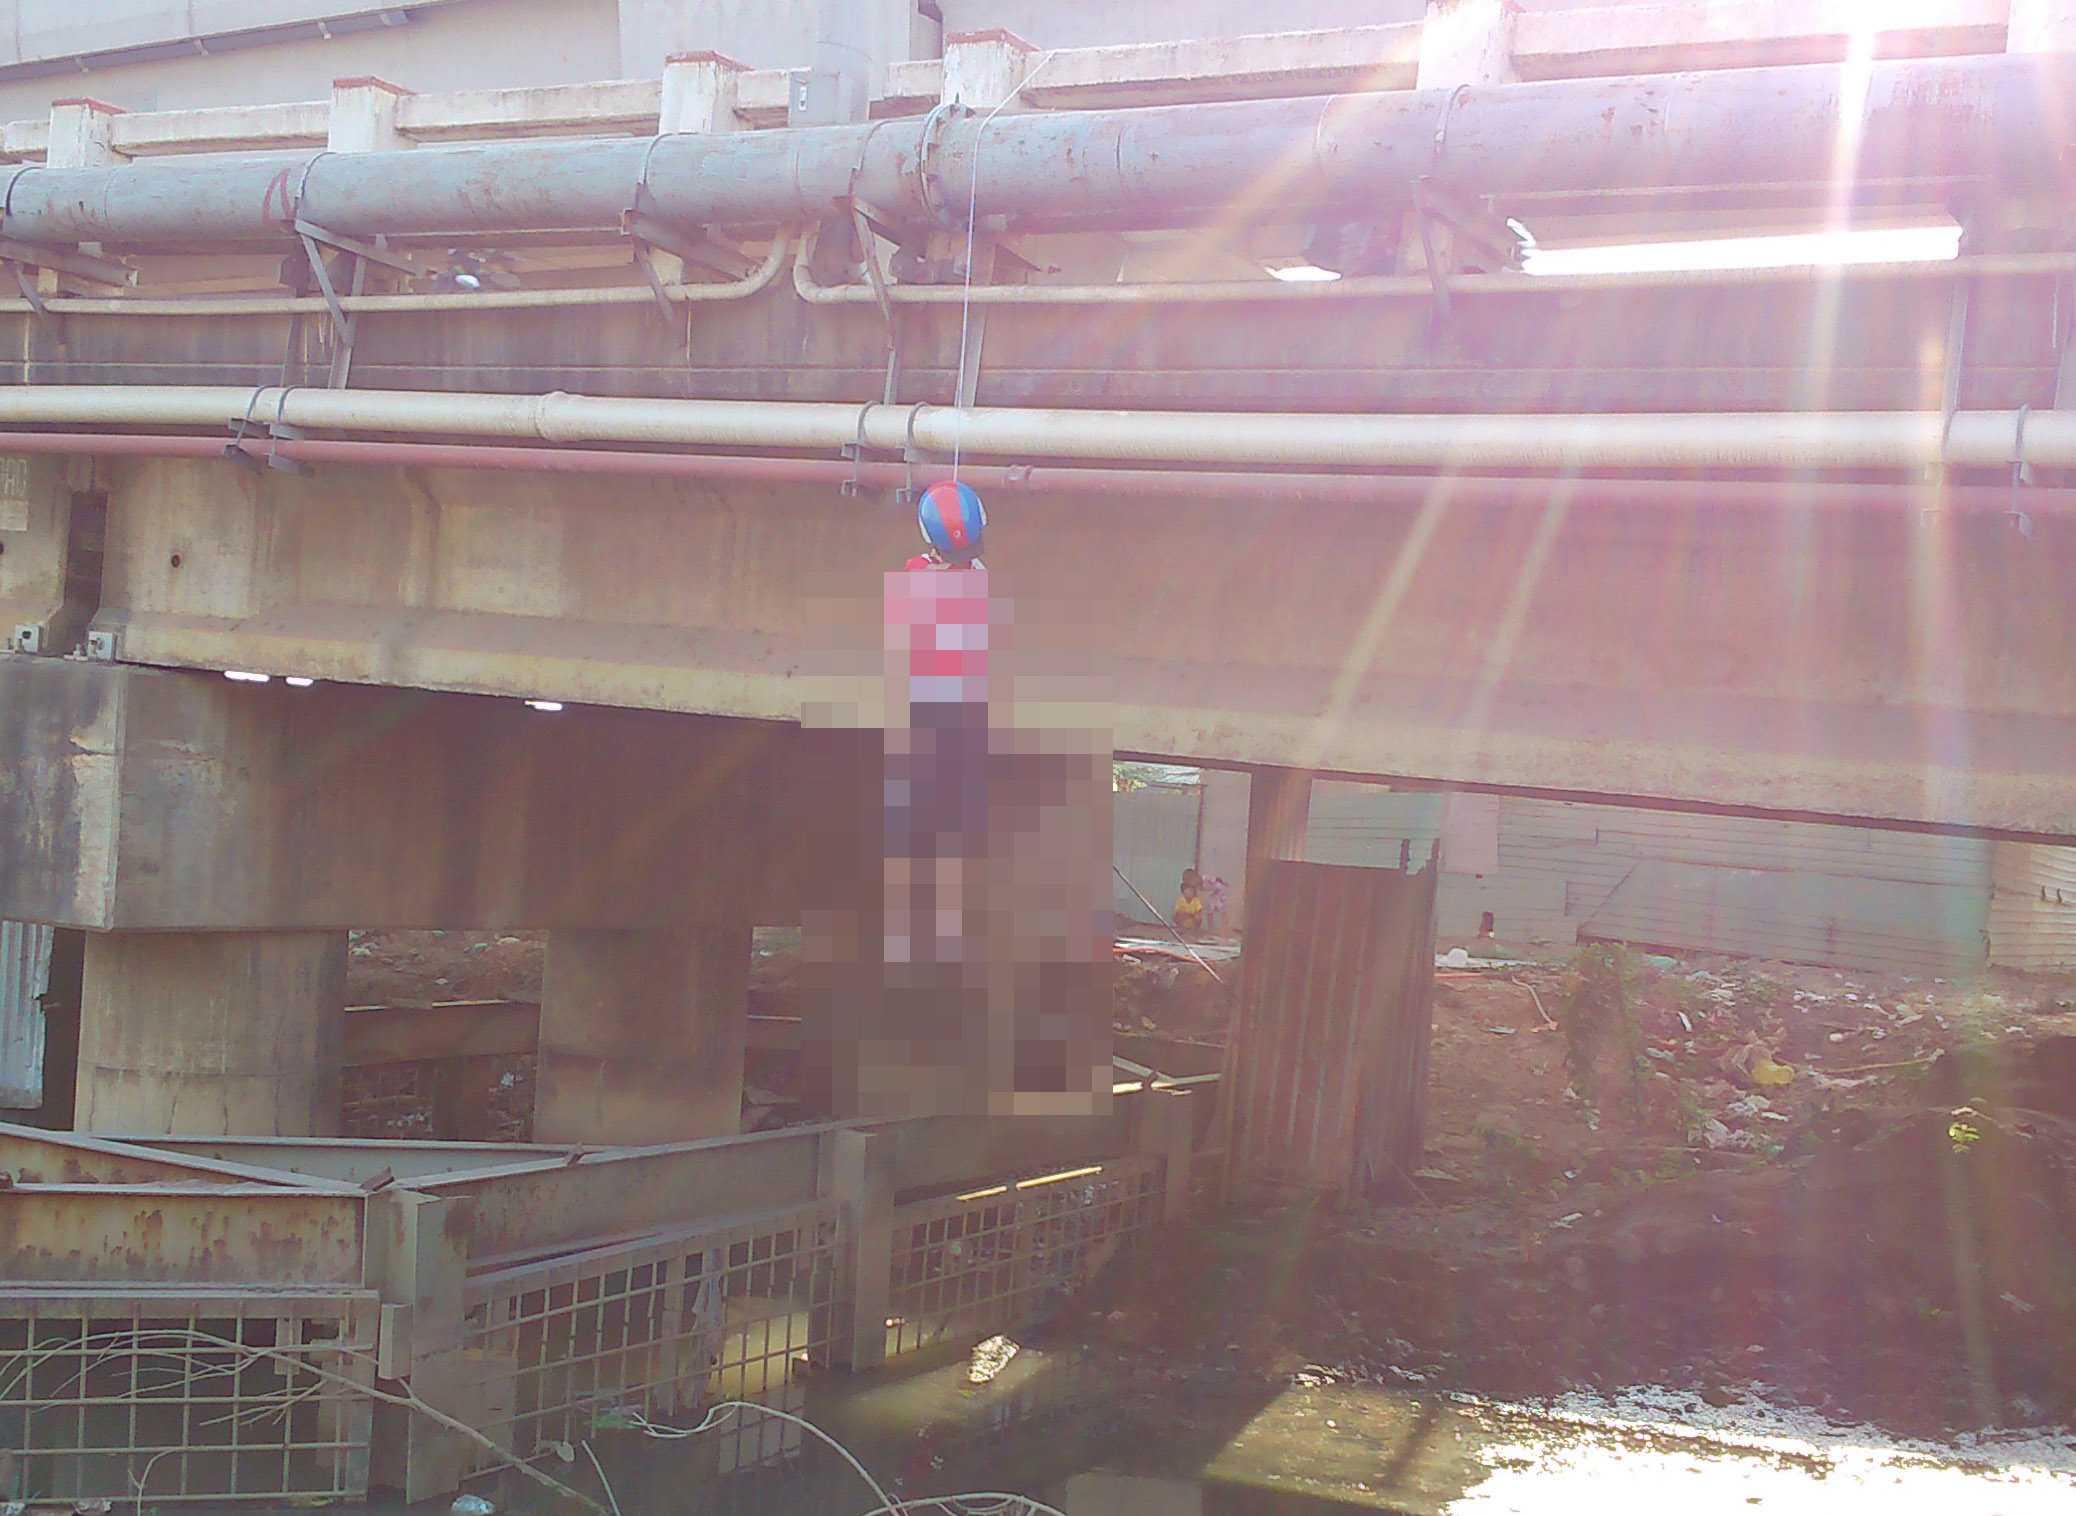 Hiện trường phát hiện xác người treo lơ lửng trên thành cầu, đầu đội mũ bảo hiểm